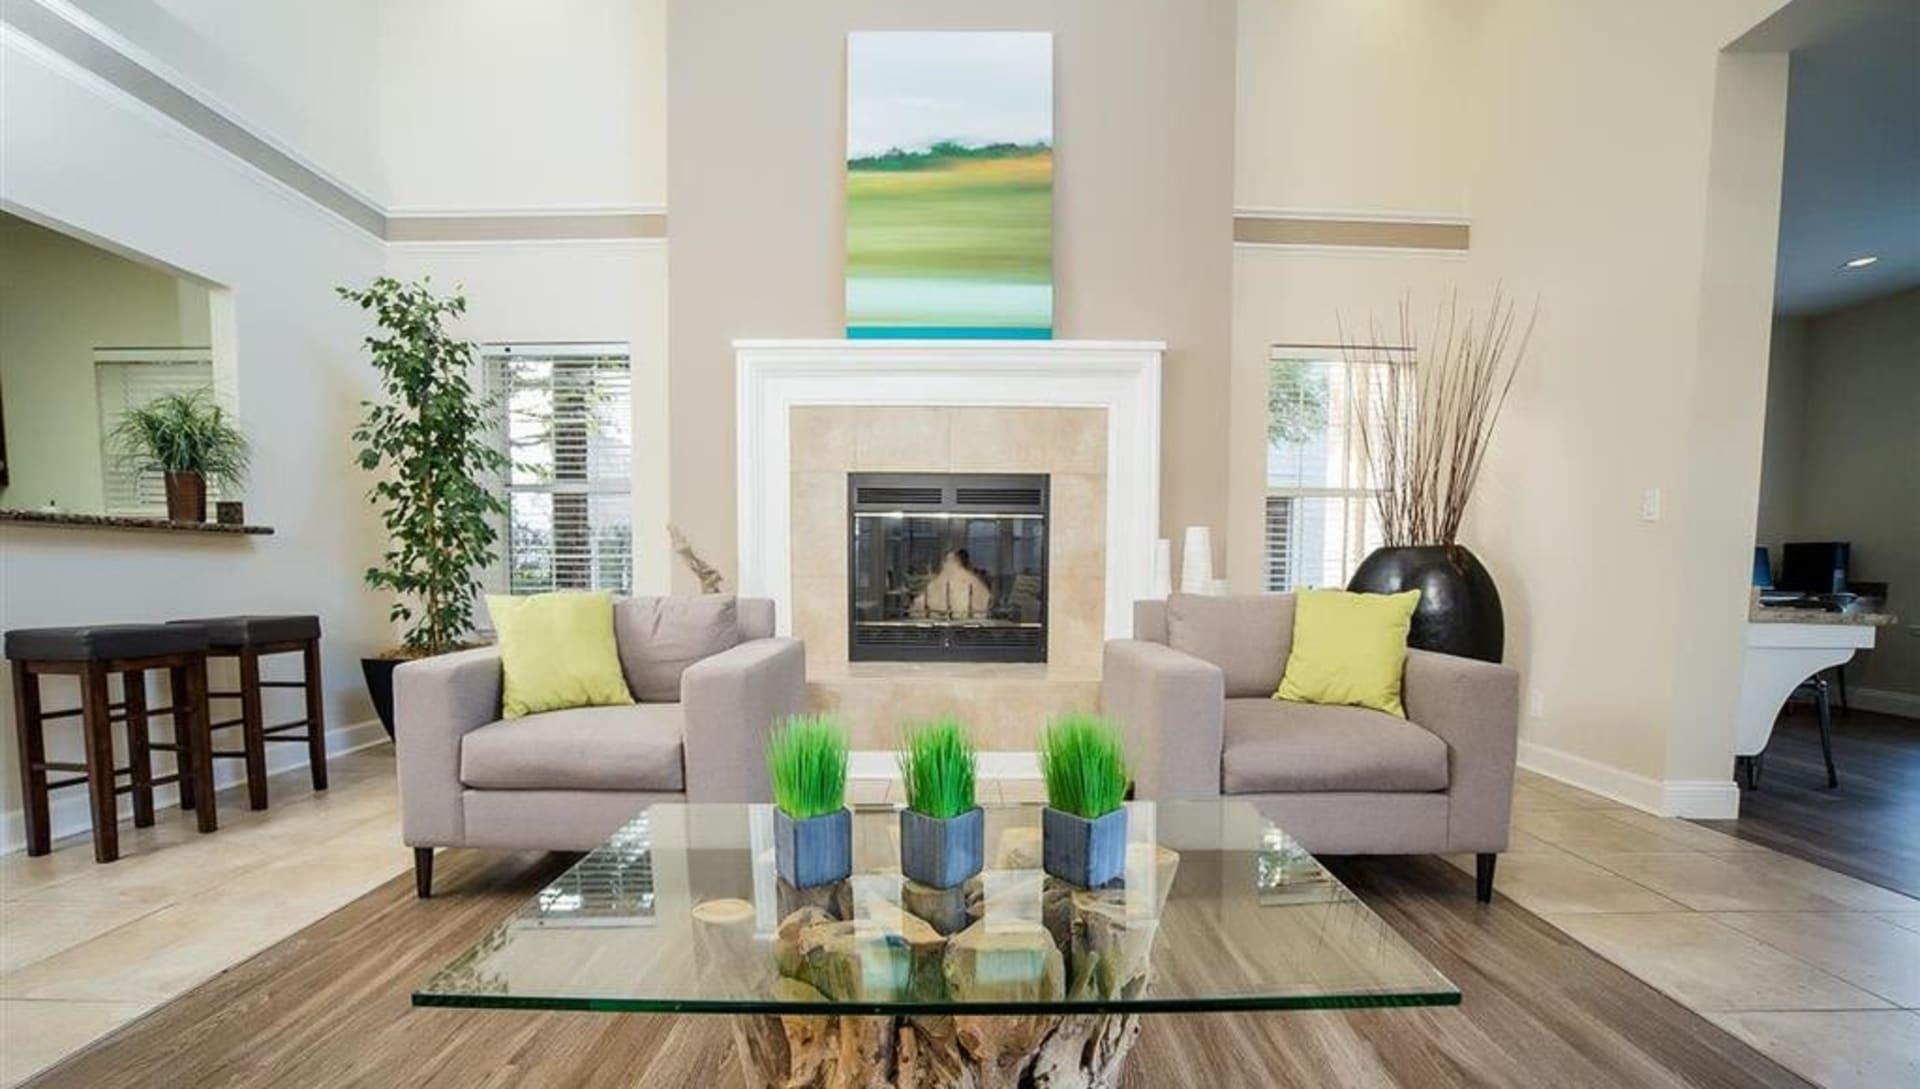 Apartments at Shaliko in Rocklin, California